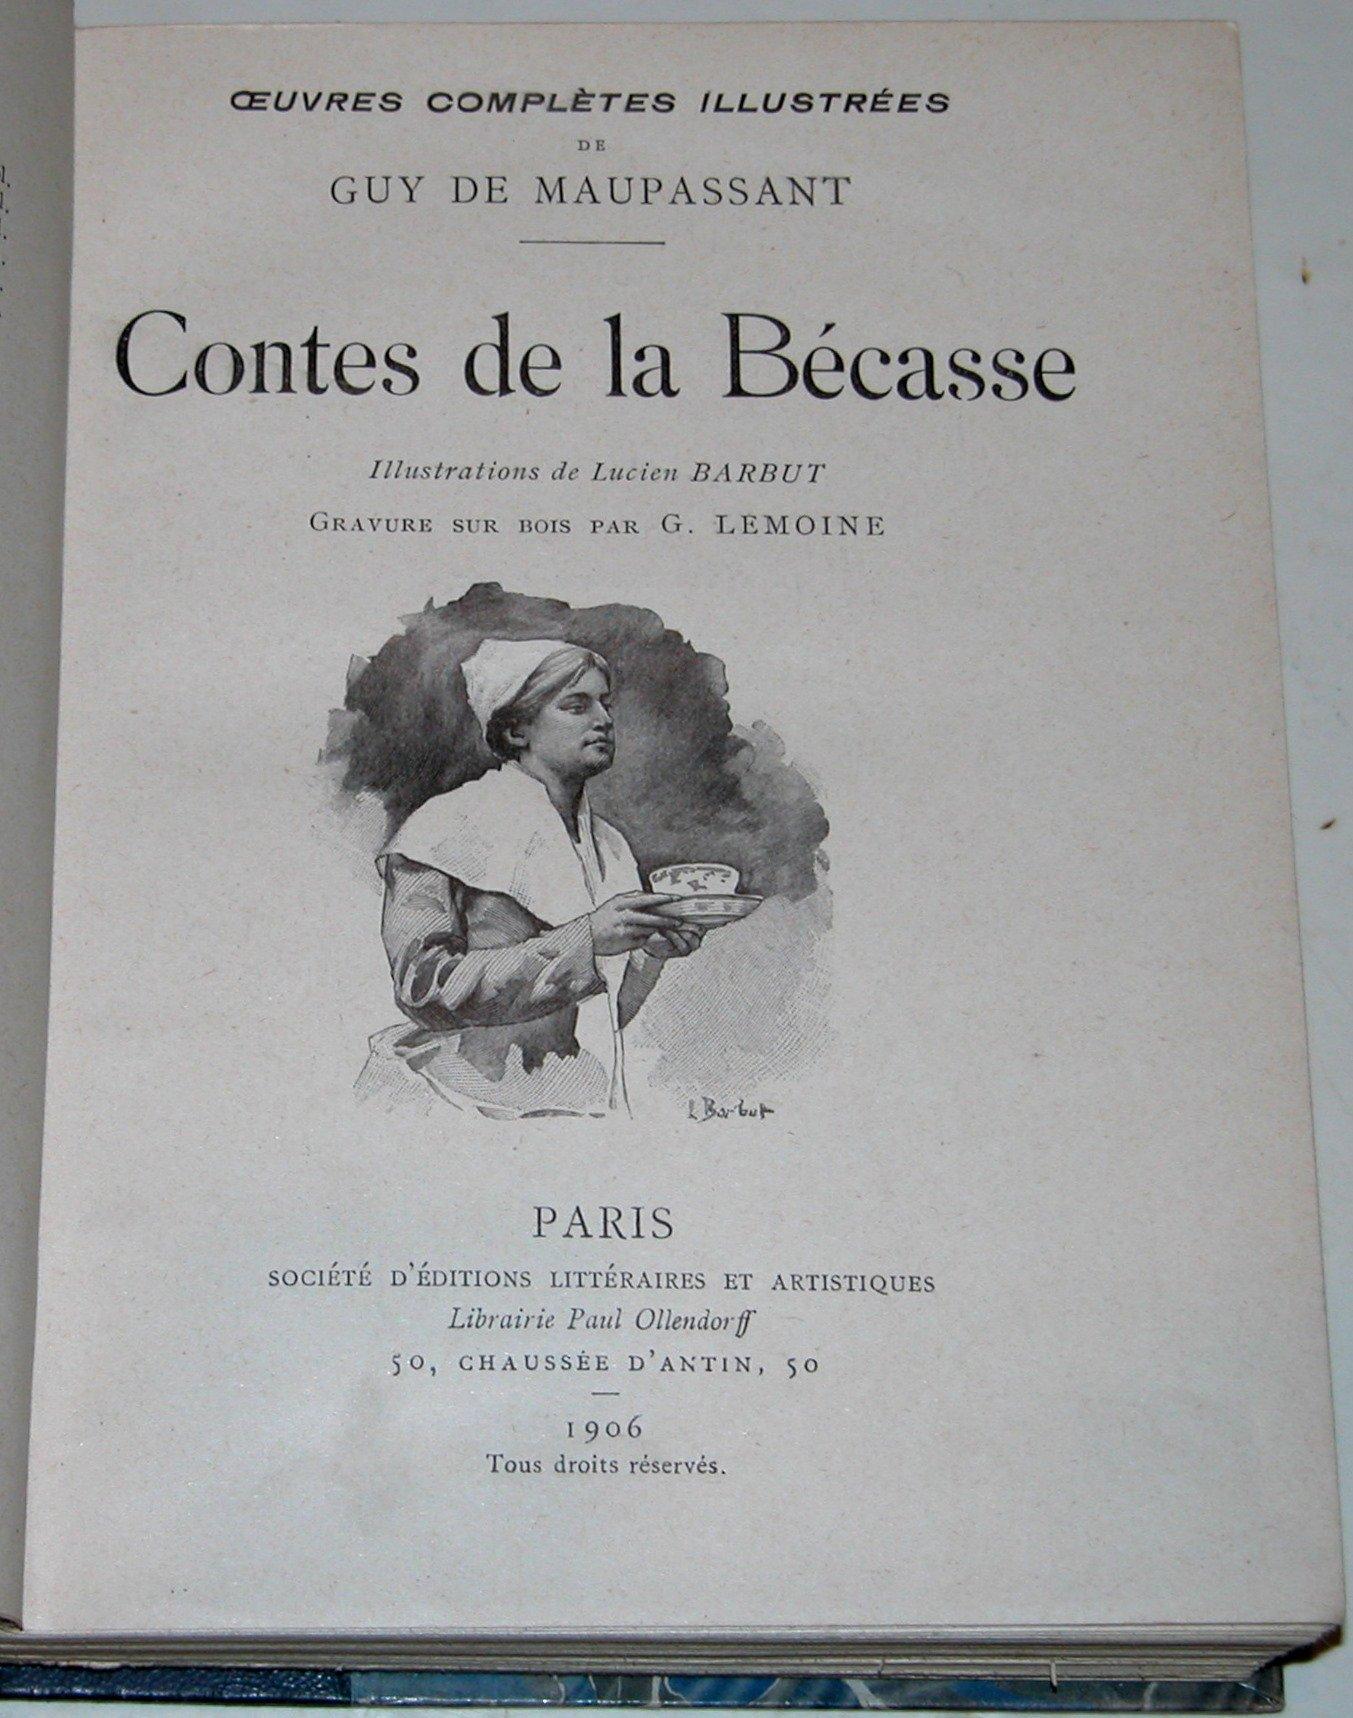 b0c7ec8f882 Amazon.fr - Oeuvres complètes illustrées de Guy de Maupassant - Complètes  des 30 vols - Guy de Maupassant